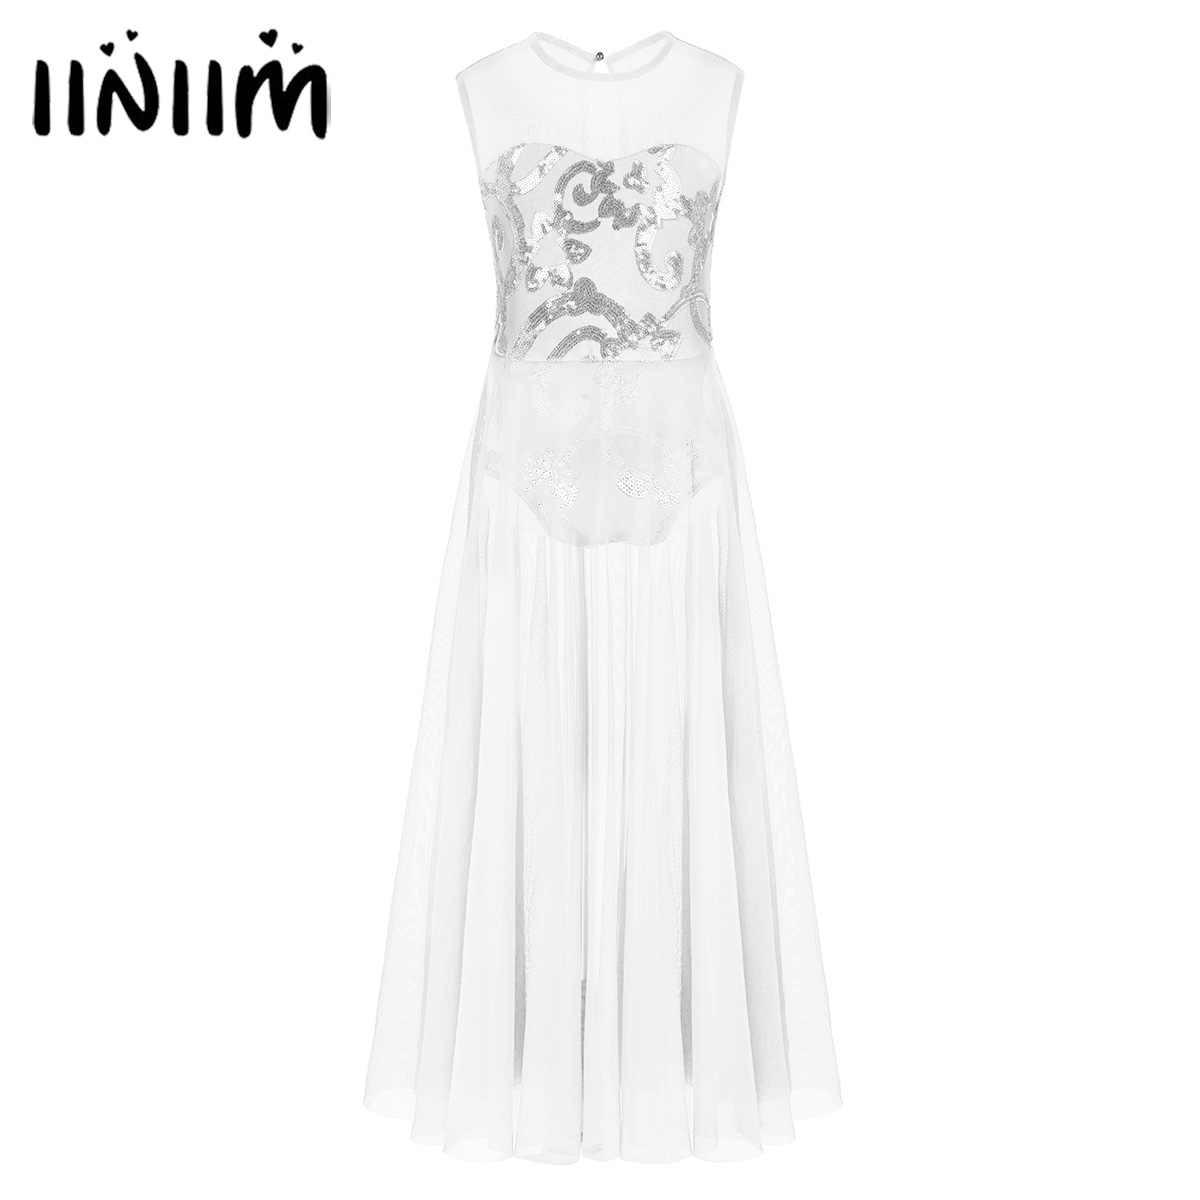 Iiniim/подростков платье для лирического танца с цветочным рисунком из пайеток крой танцевальная одежда для балерины для детей; костюмы для девочек; леопардовое гимнастическое платье для танцев